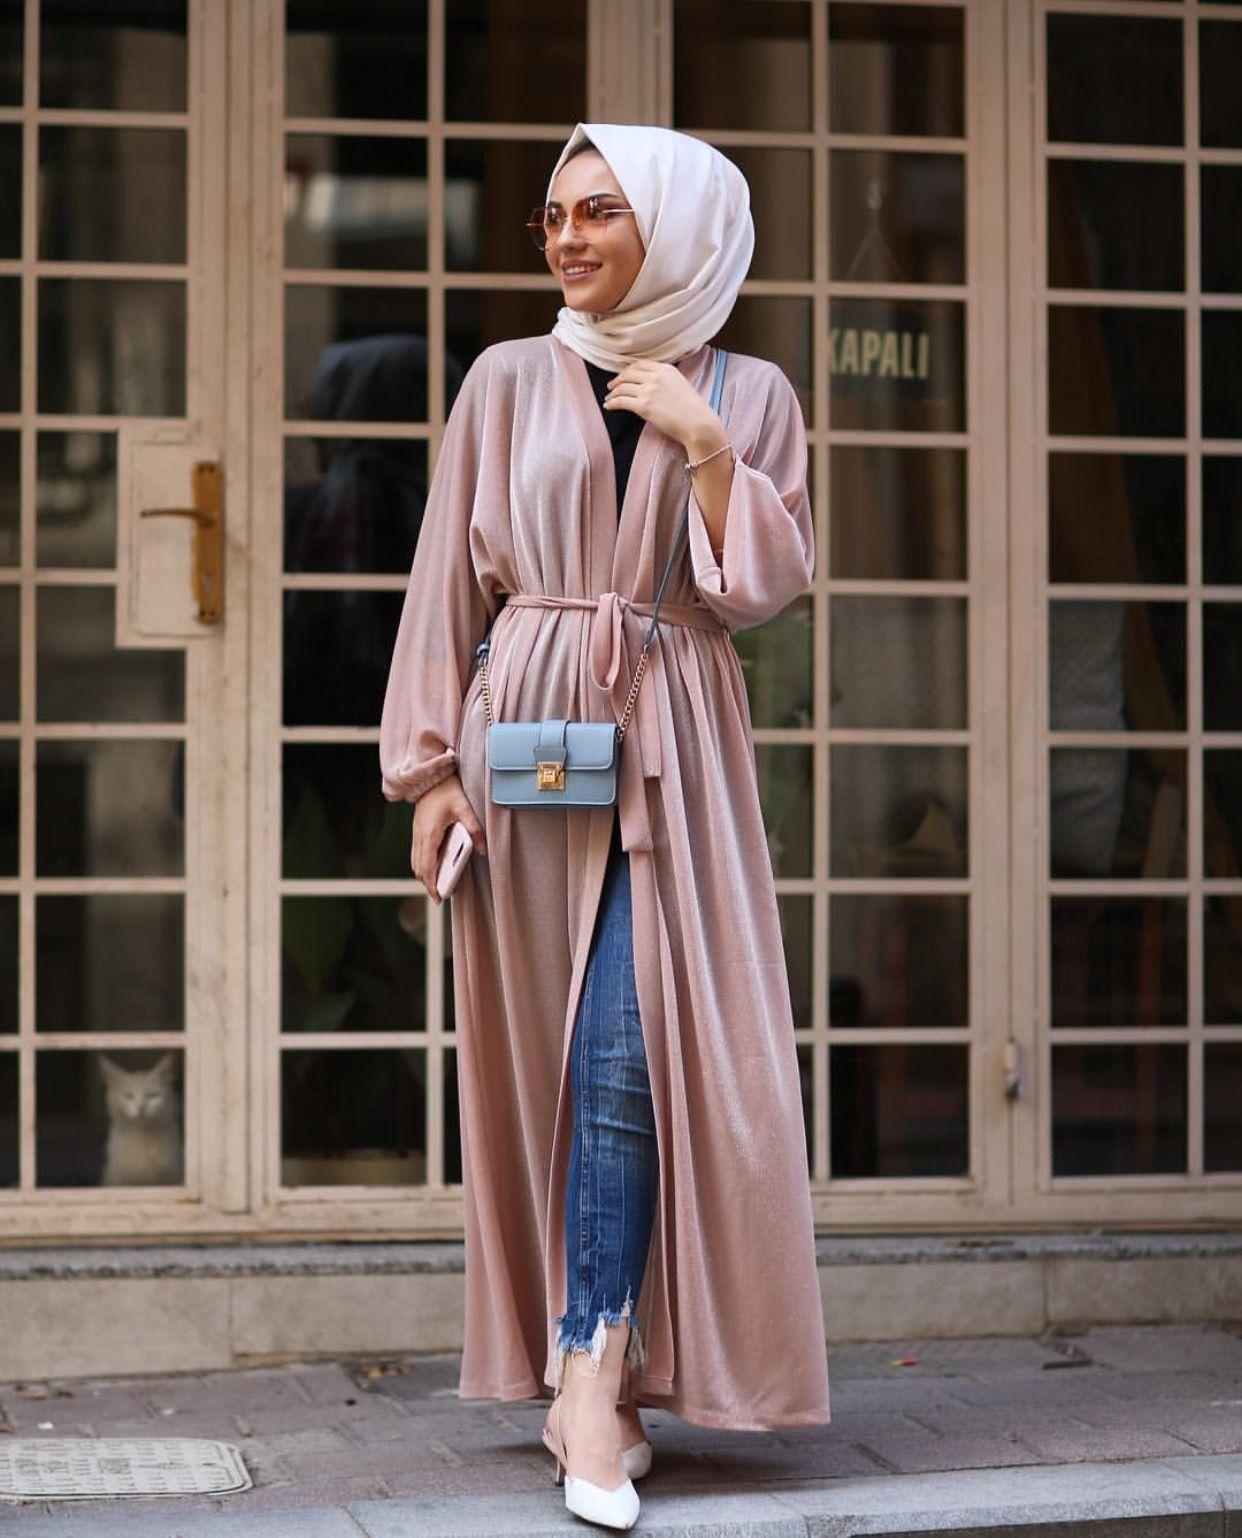 zeynepkradeniz | Womens fashion modest, Muslim women fashion ...